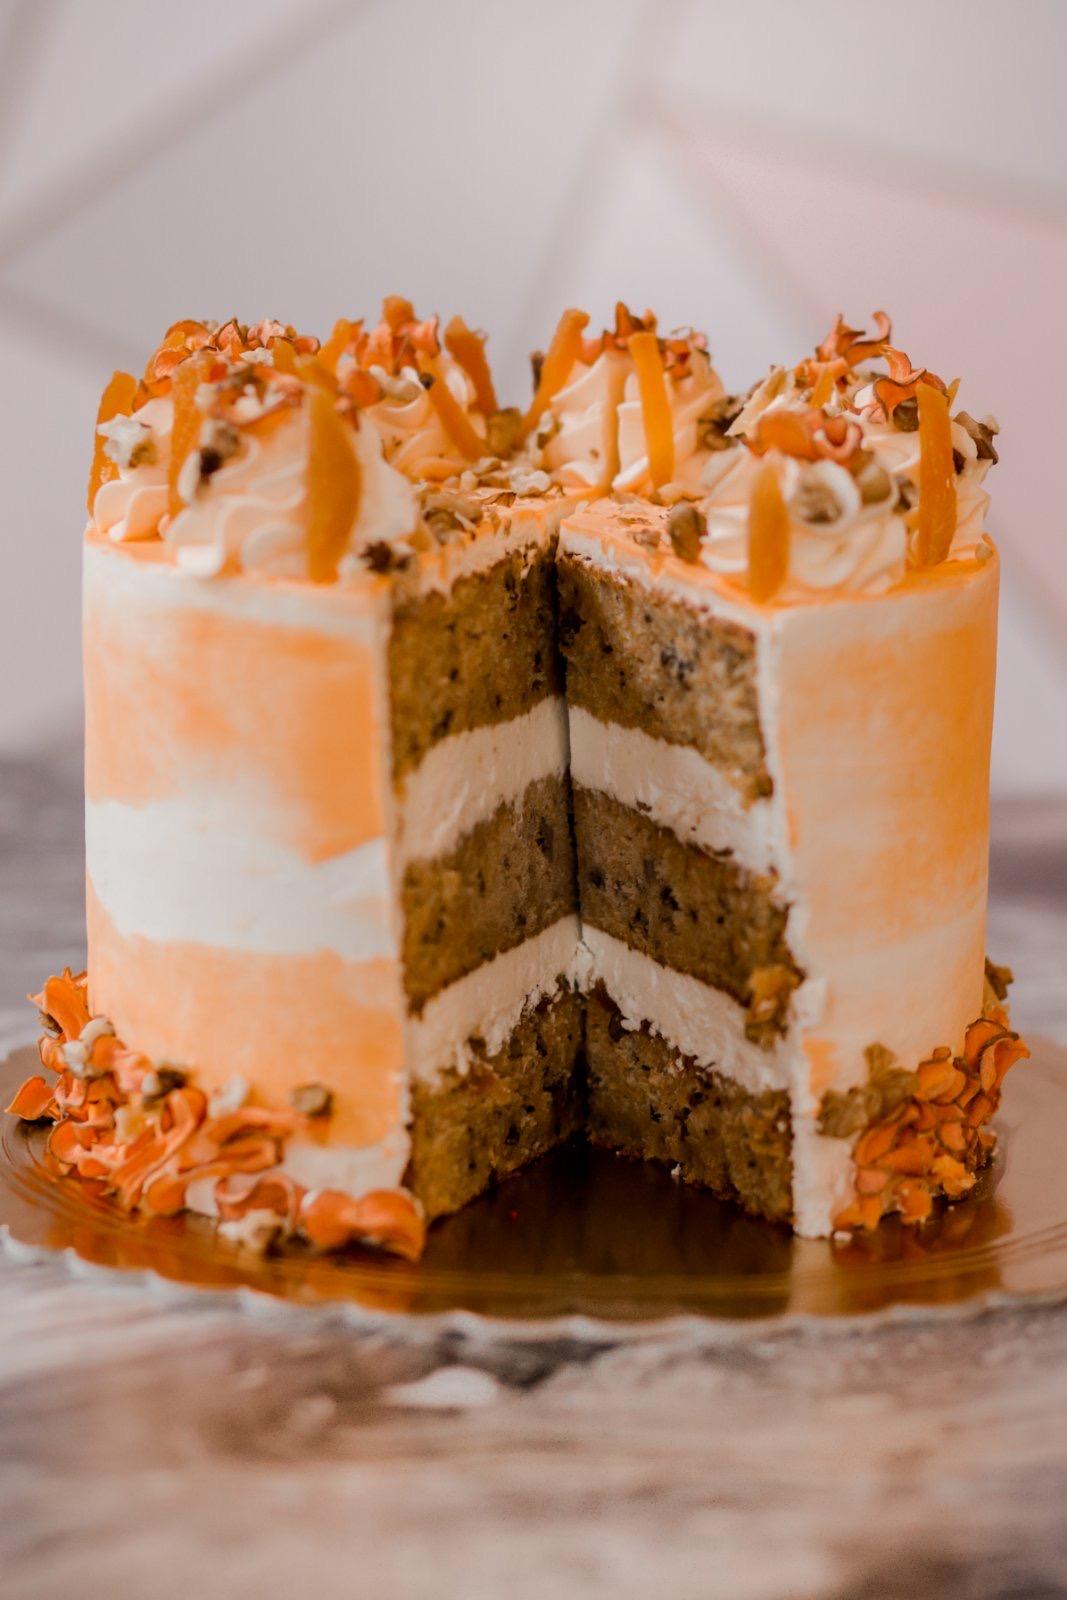 Mrkvový dort s vlašskými ořechy s vanilkovým krémem z mascarpone a pomerančovou kůrou, meruňkový džem